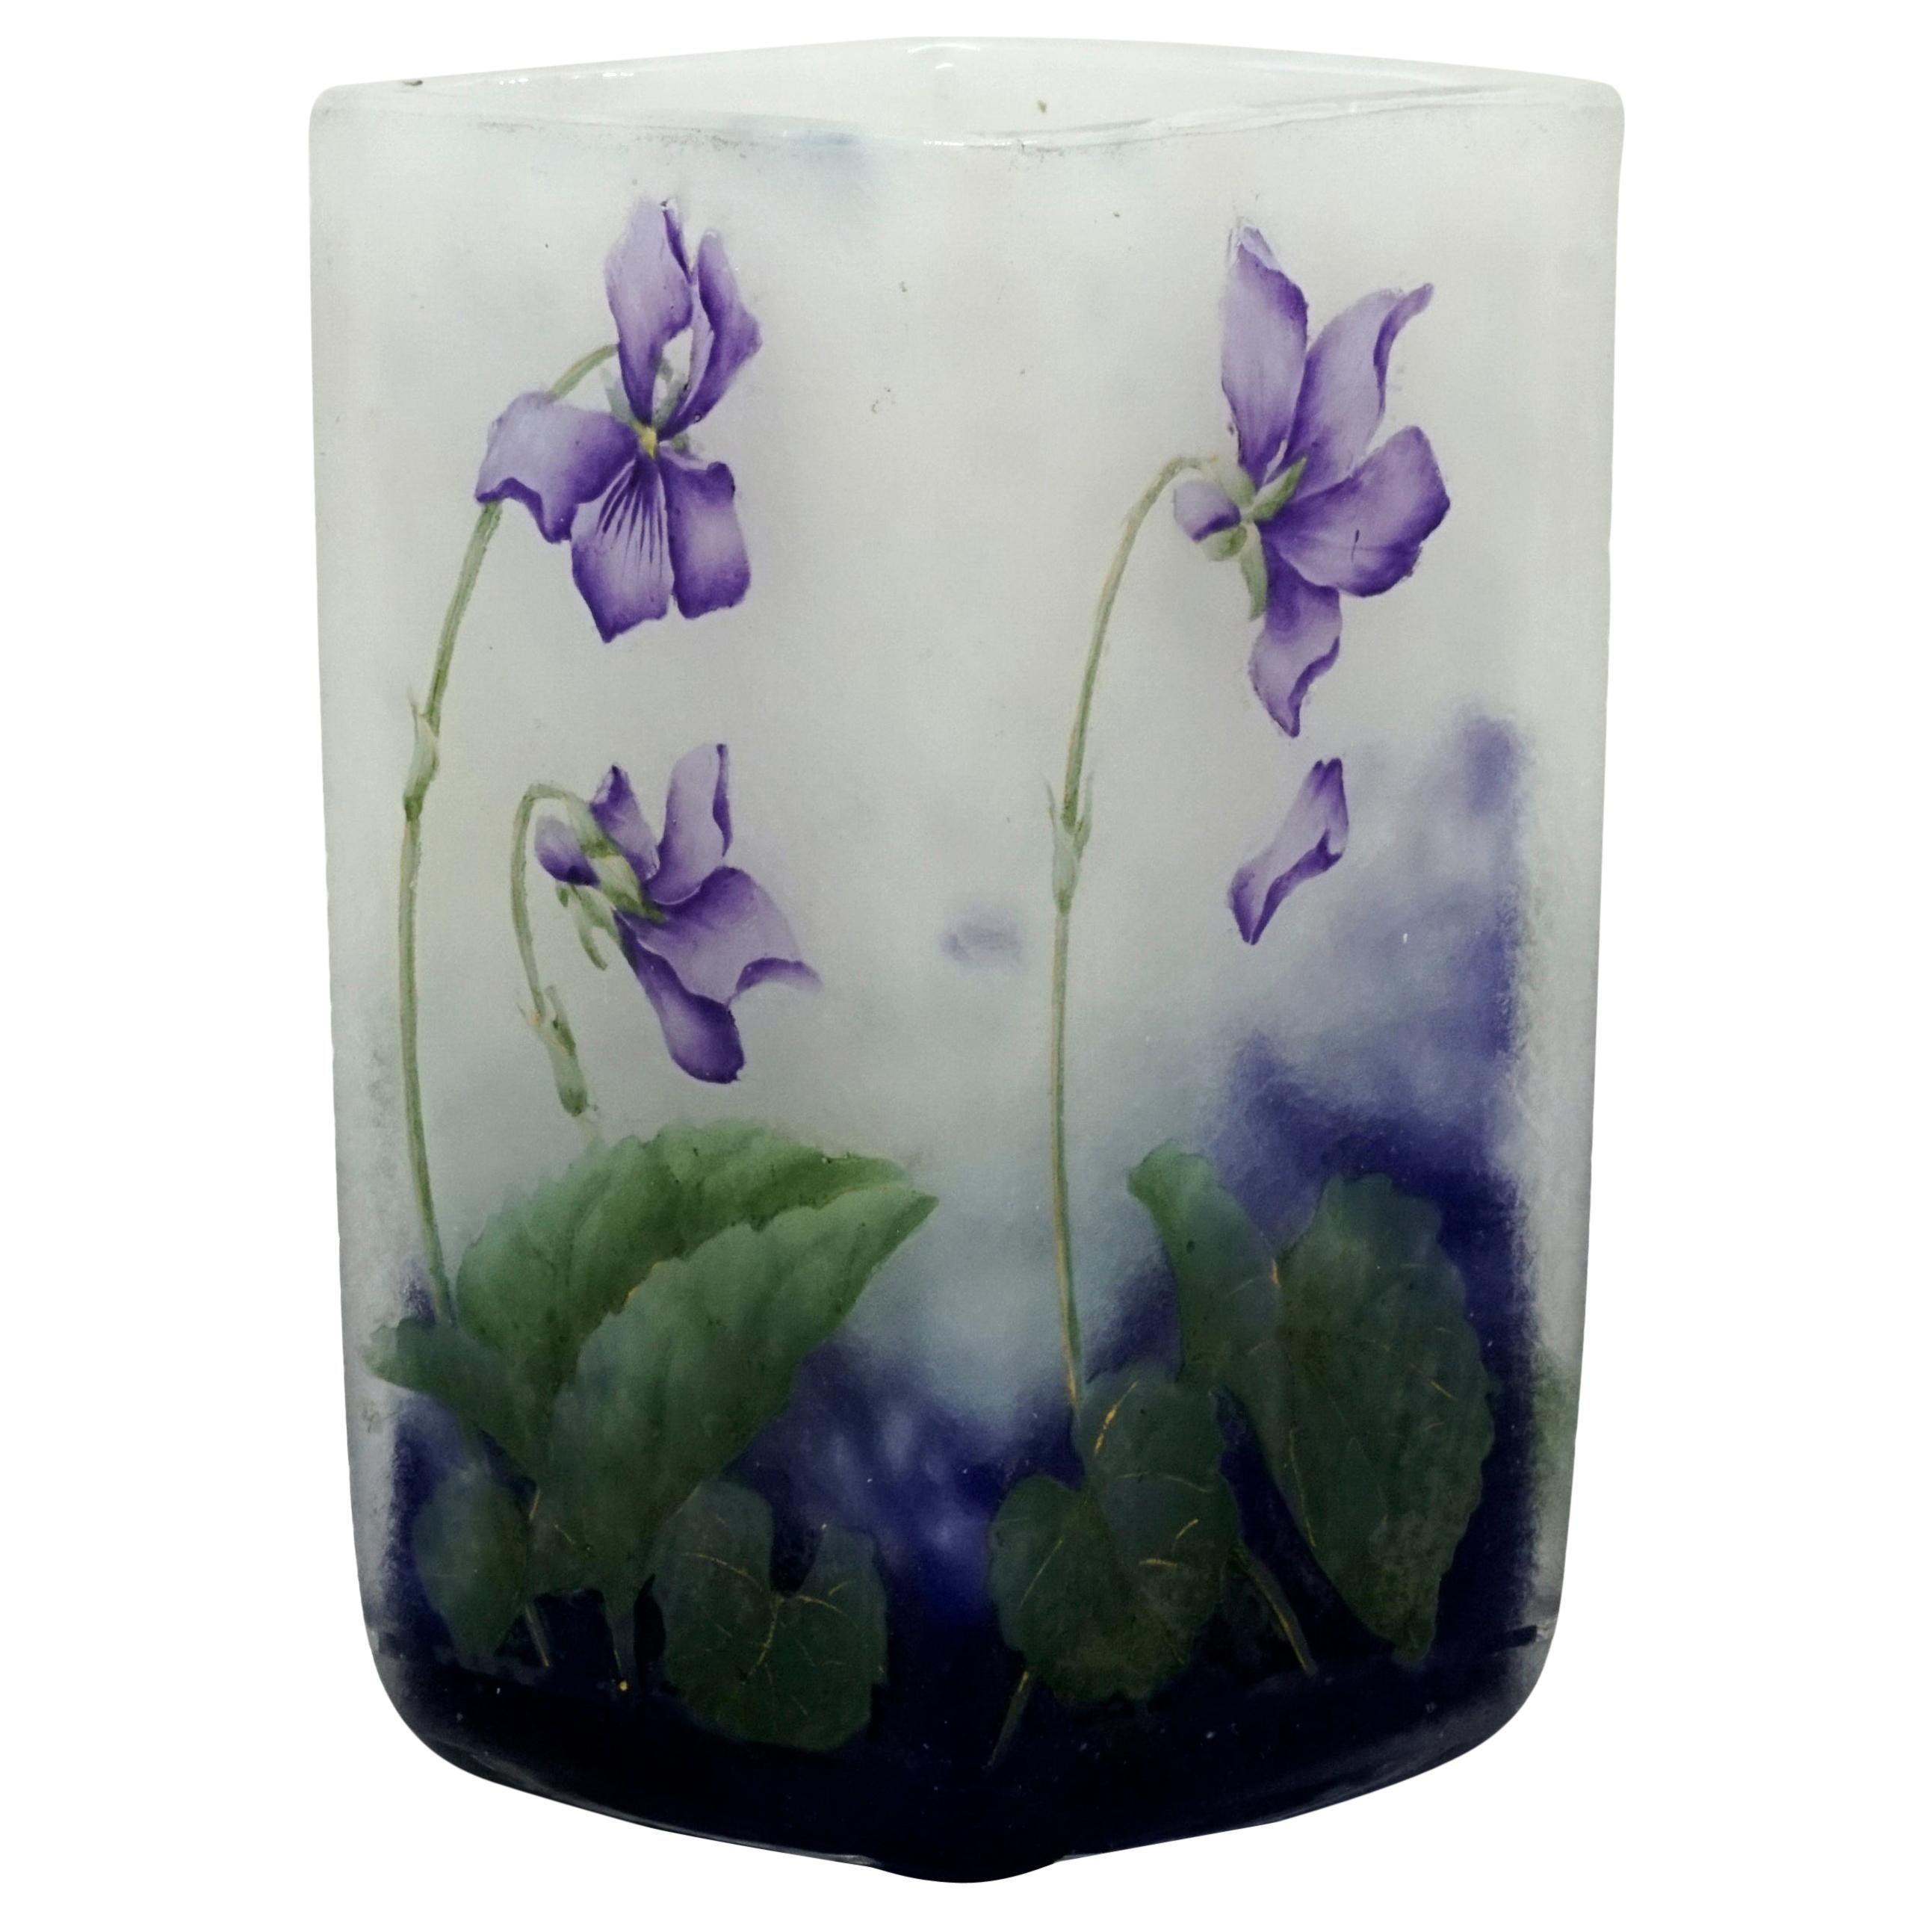 Daum Nancy Art Nouveau Angular Vase with Violet Decor, France, 1900-1905